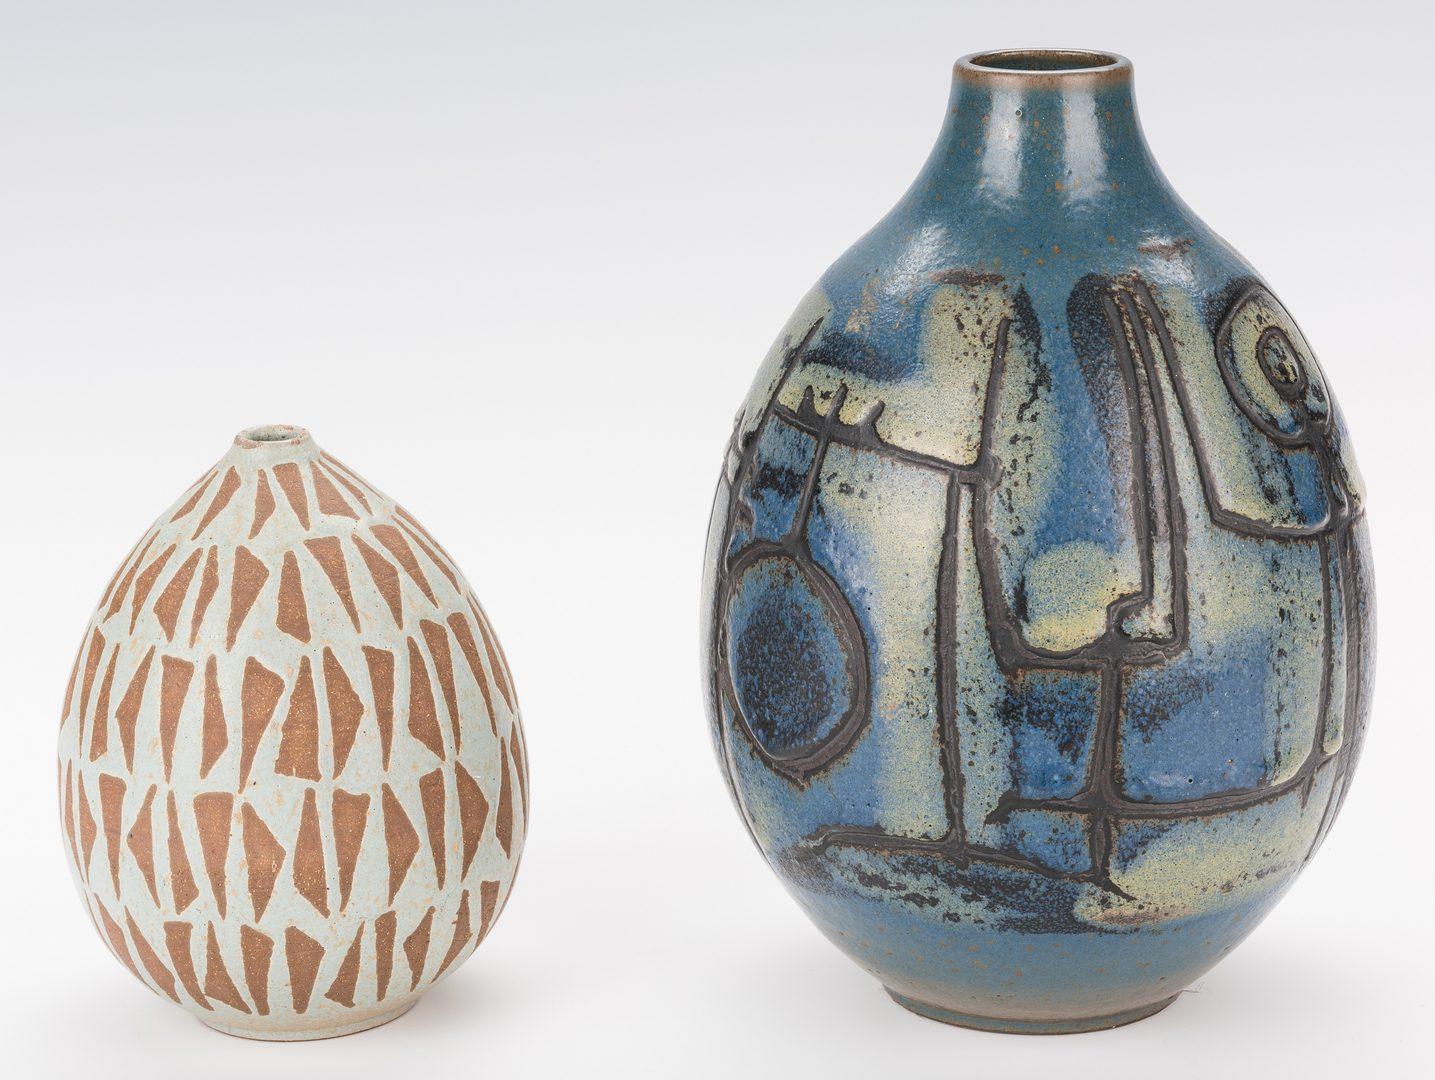 Lot 453: Group 3 Clyde Burt Art Pottery Items